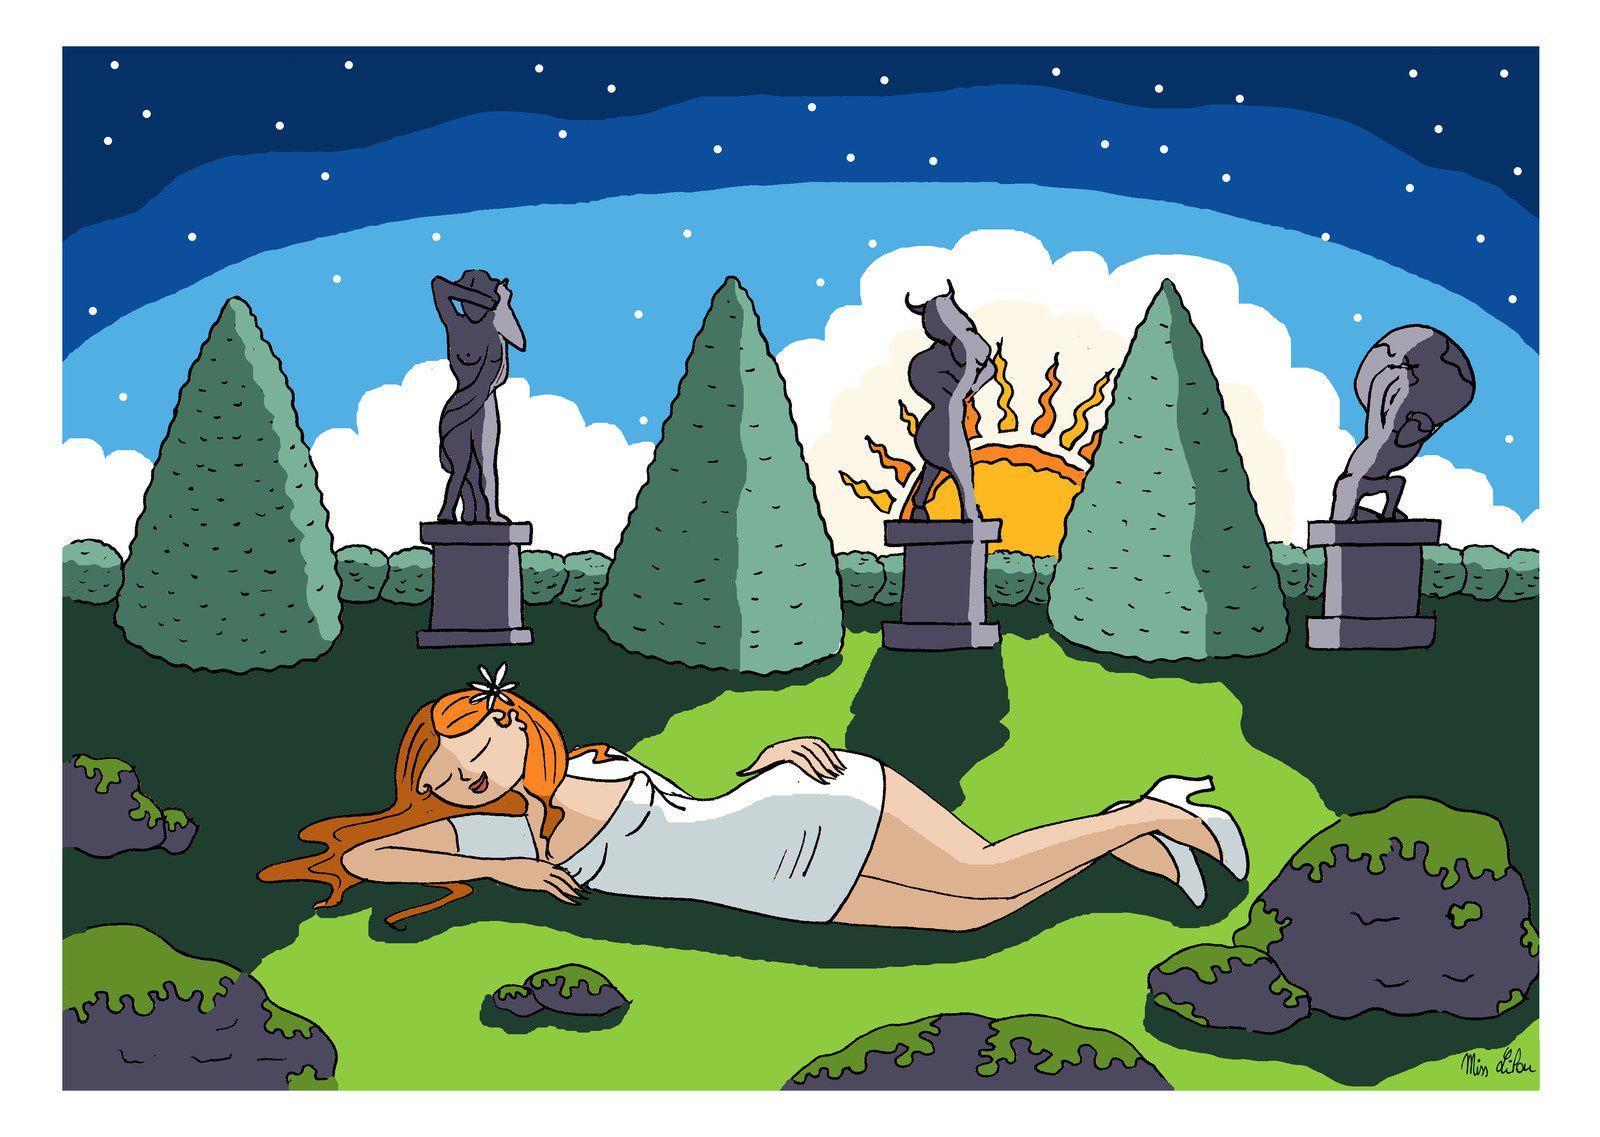 """Je vous montre mon travail en cours... Dessin pour l'association Olympio.  """"Lilou endormie au pied d'un parterre de statuaires. On raconte que Lilou a rêvé avoir vu certaines statues évoquant de grandes figures de la mythologie antique..."""""""